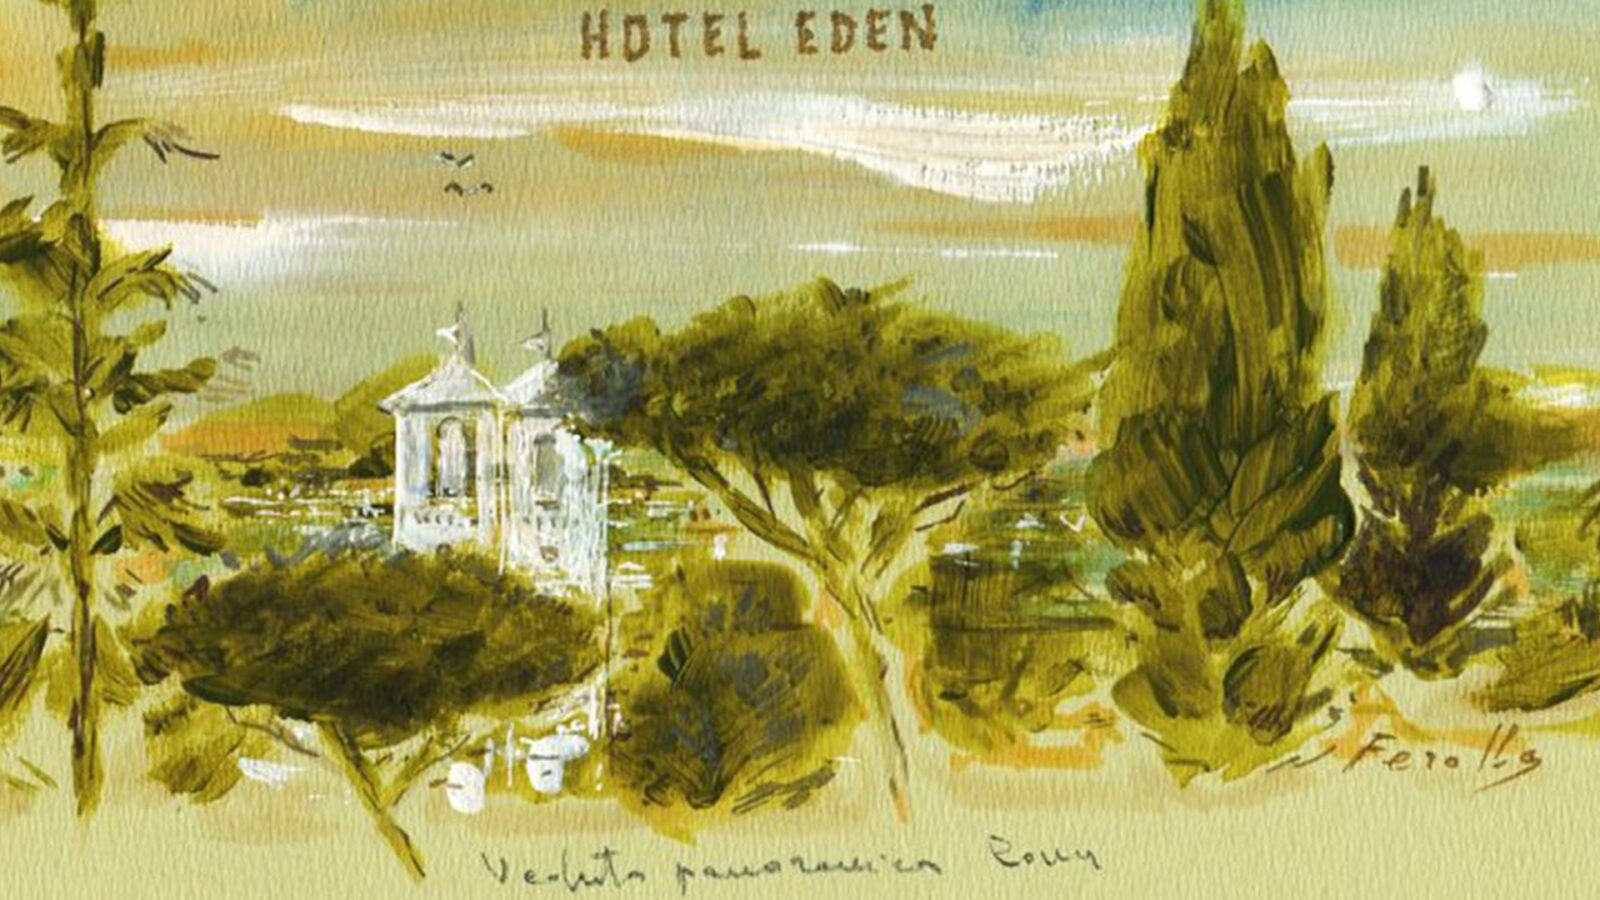 Artist in residence Andrea Ferolla at Hotel Eden